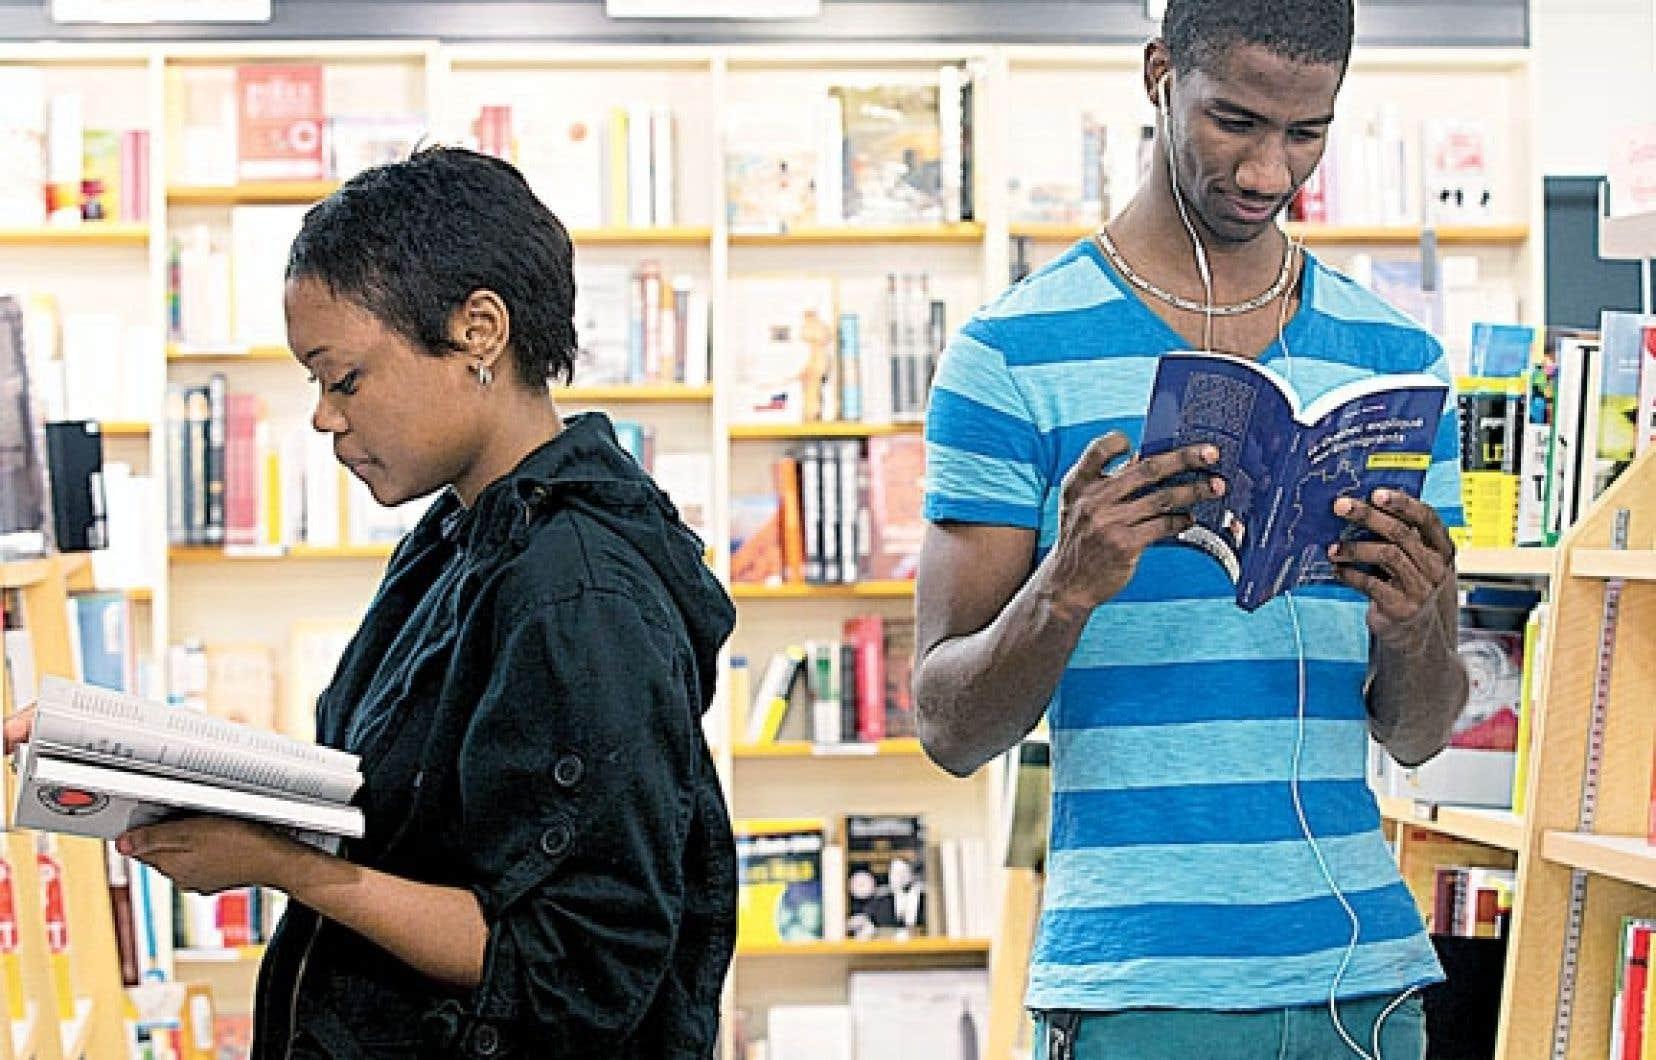 Les bibliothèques sont de plus en plus fréquentées par les familles immigrantes.